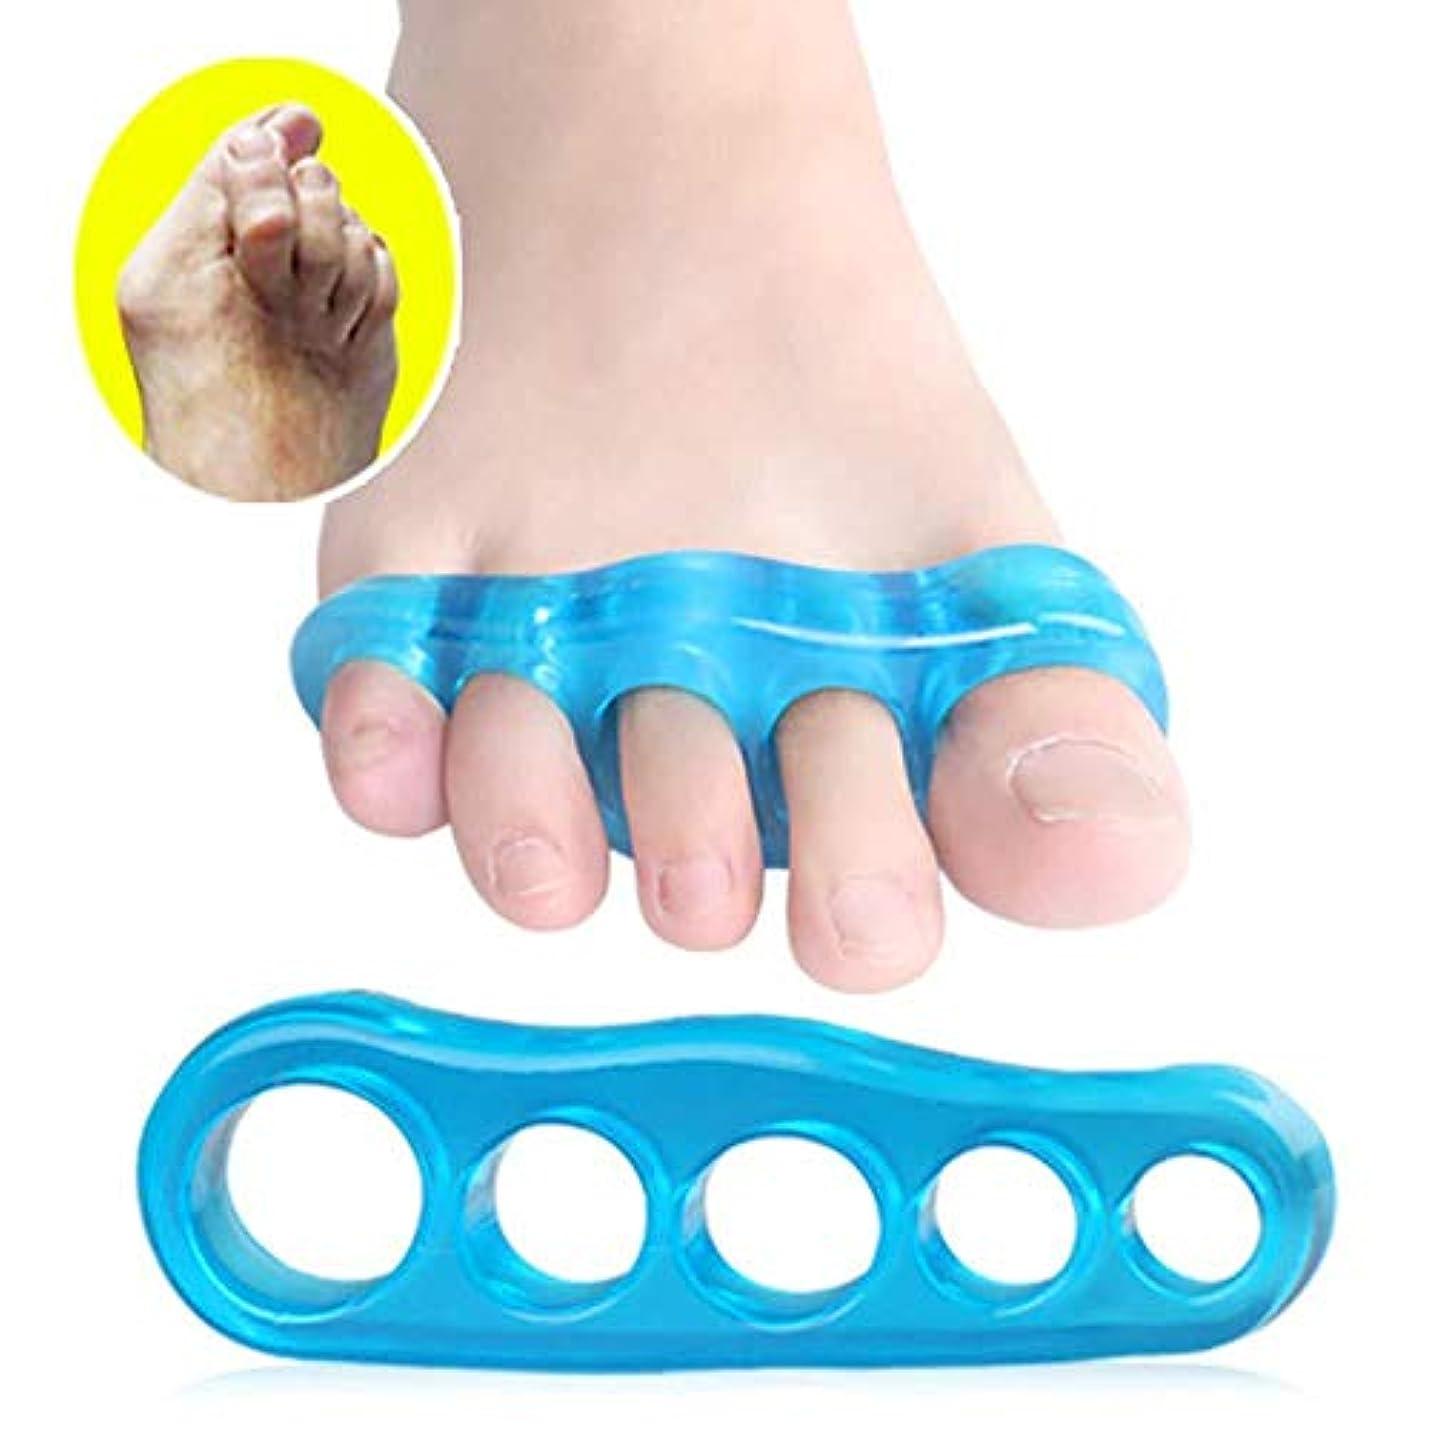 彼らは刈る永久親指の炎症、ゲルトウセパレーター滑液包炎スプリントパッドシリコントウストレートナーヨガプロテクターハンマートウブレース,M